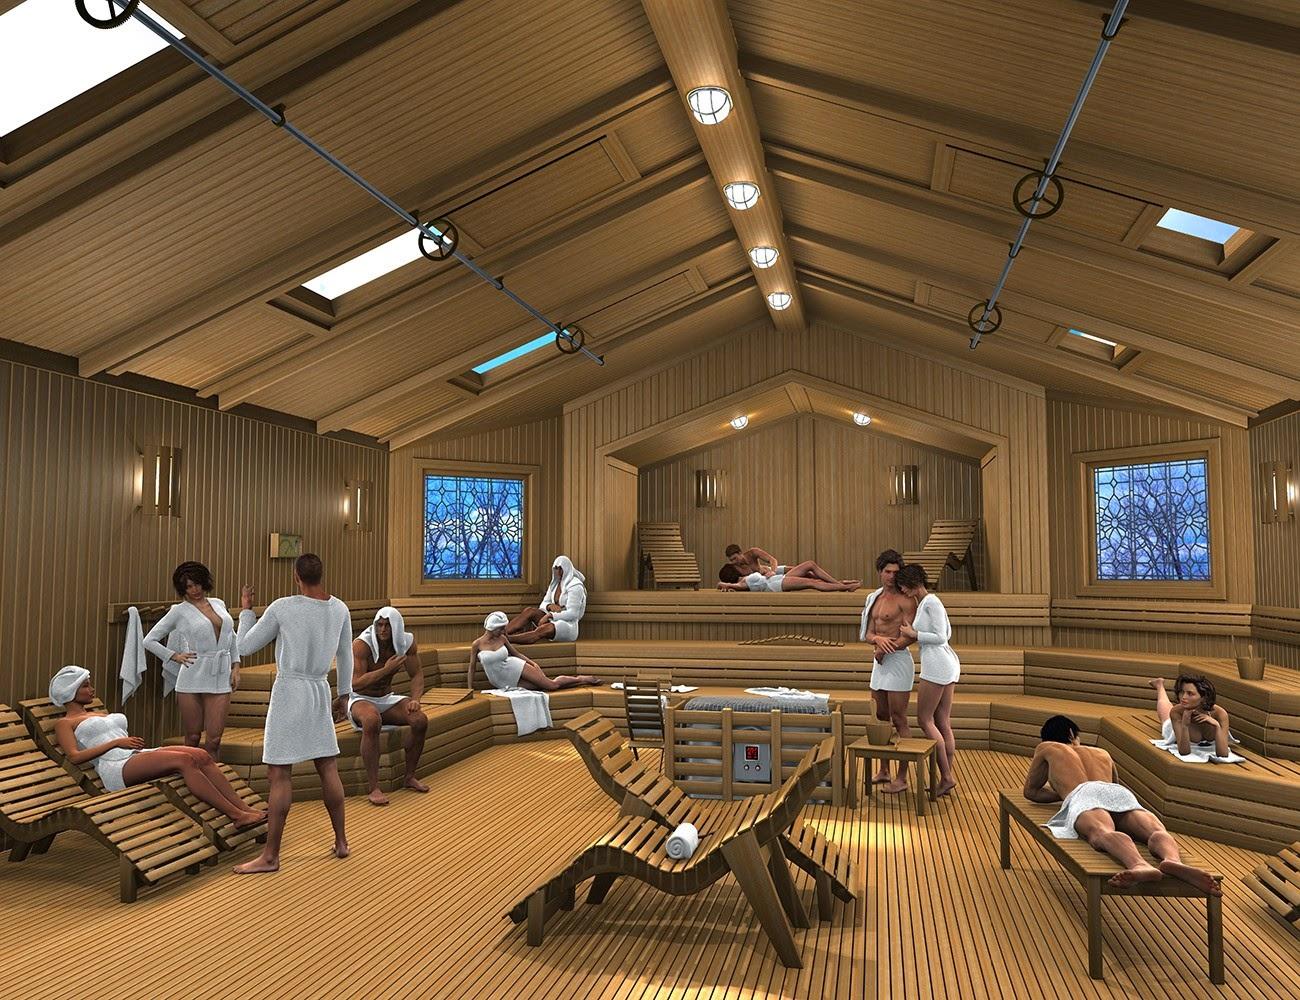 Download daz studio 3 for free daz 3d spa sauna for Sauna 3d montpellier